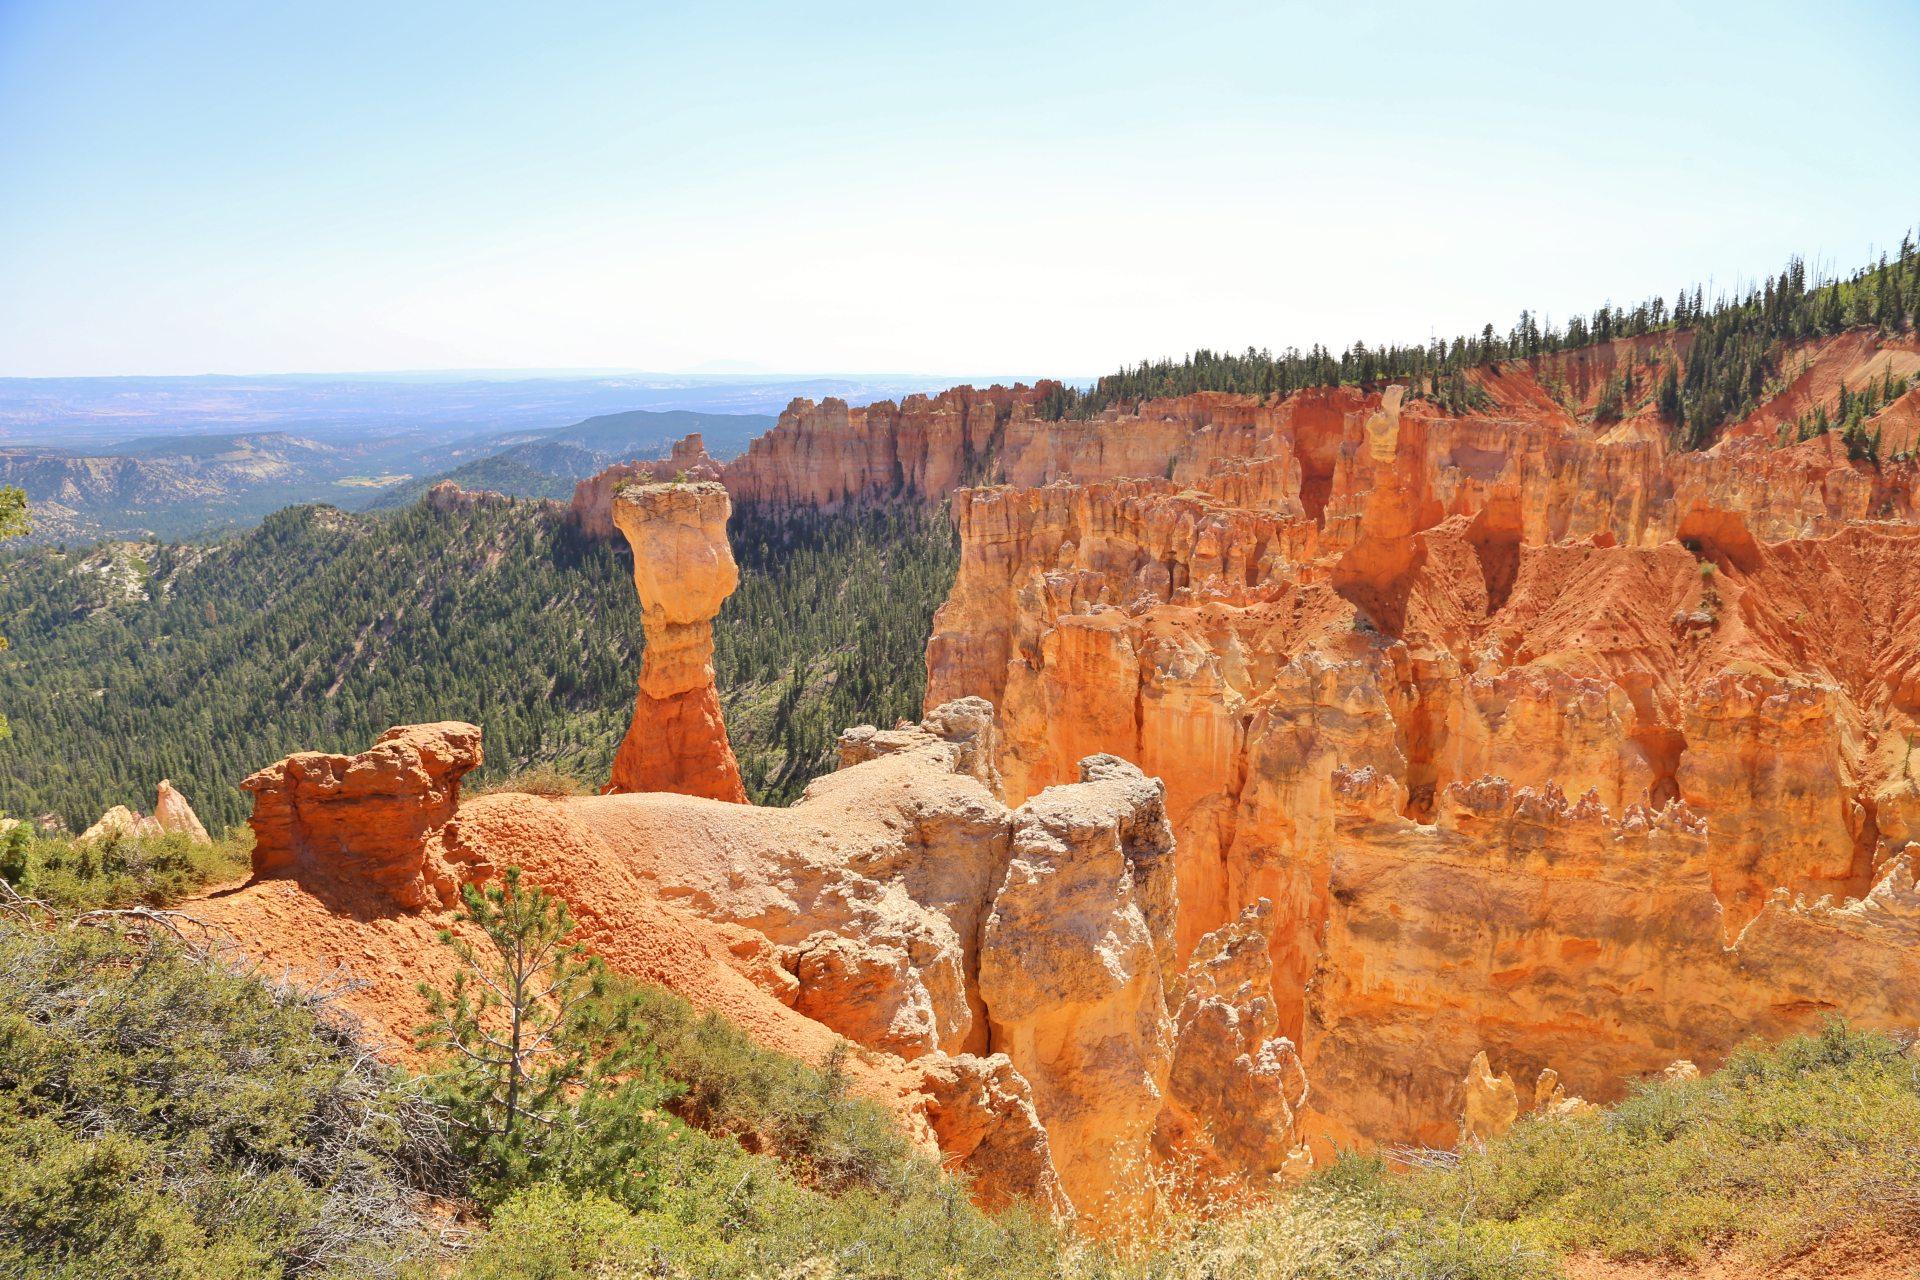 Die Natur erschafft die schönsten Farben und Formen! - Aussicht, Bryce Canyon National Park, Canyon, Erosion, farbenfroh, Felsnadeln, Felstürme, Fernsicht, Geologie, Gestein, Gesteinssäulen, Gesteinsschichten, Himmel, Hoodoos, Landschaft, Monolithen, Natur, Panorama, Queens Garden Trail, Sandstein, Utah - (Bryce Canyon, Bryce, Utah, Vereinigte Staaten)